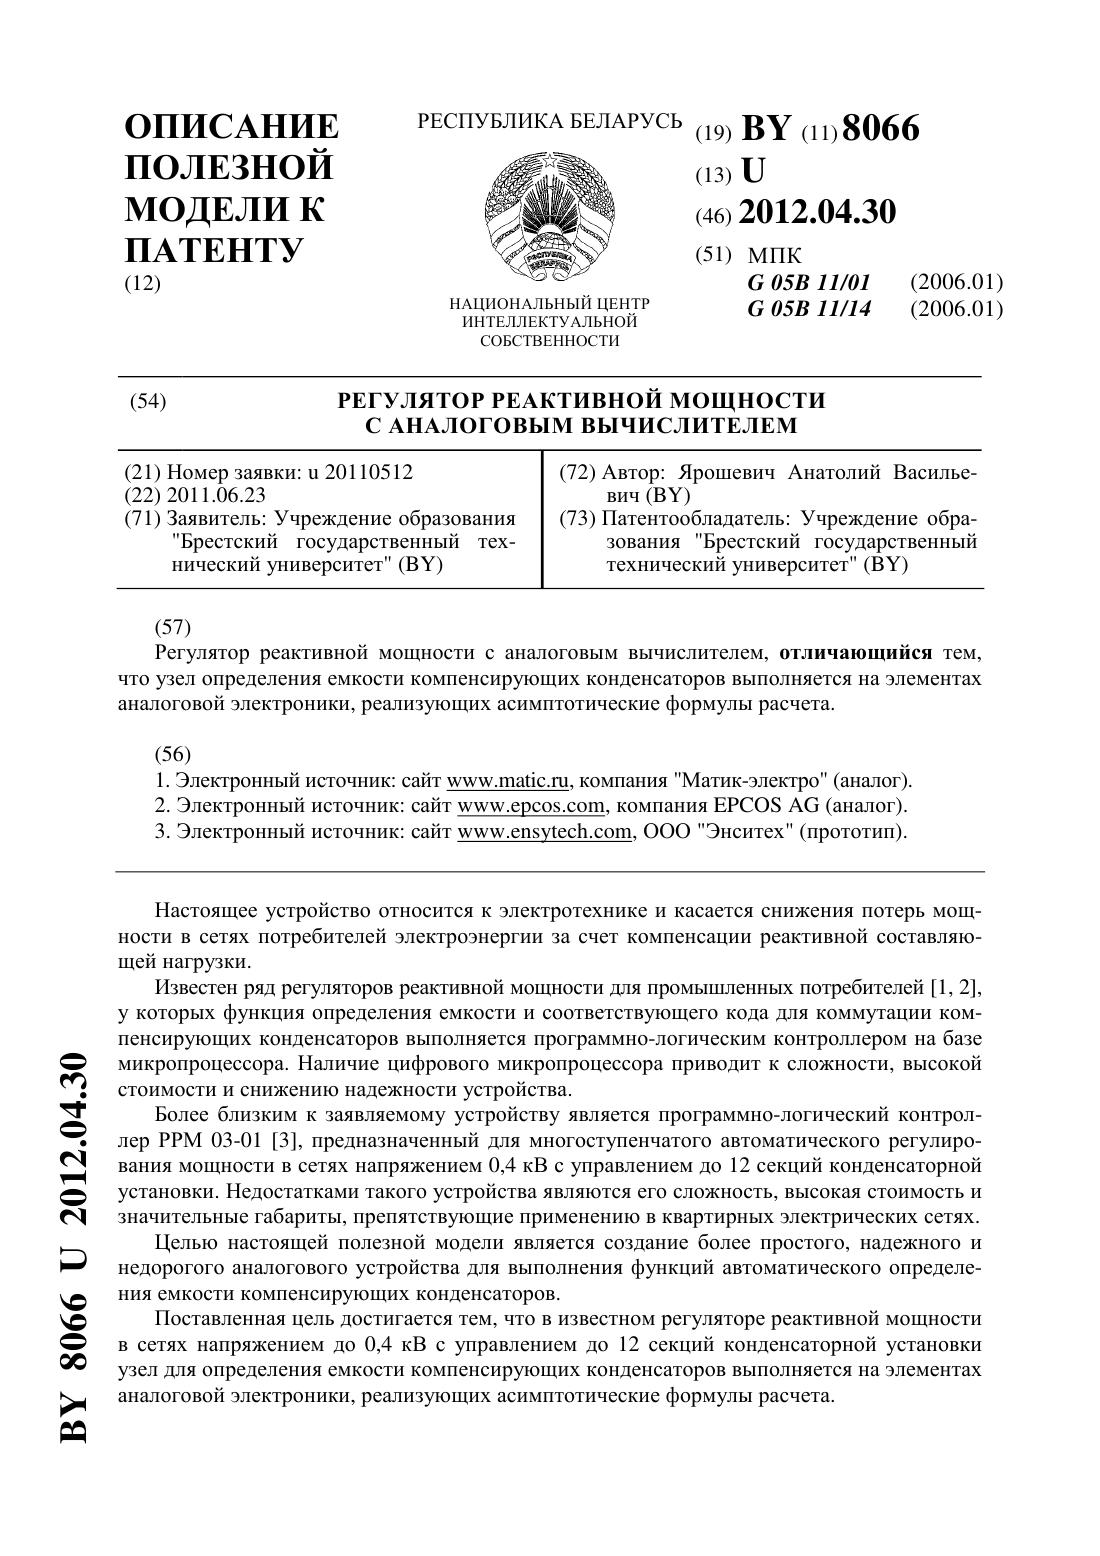 free методические рекомендации по выполнению курсовой работы по специальности 070002 отечественная история